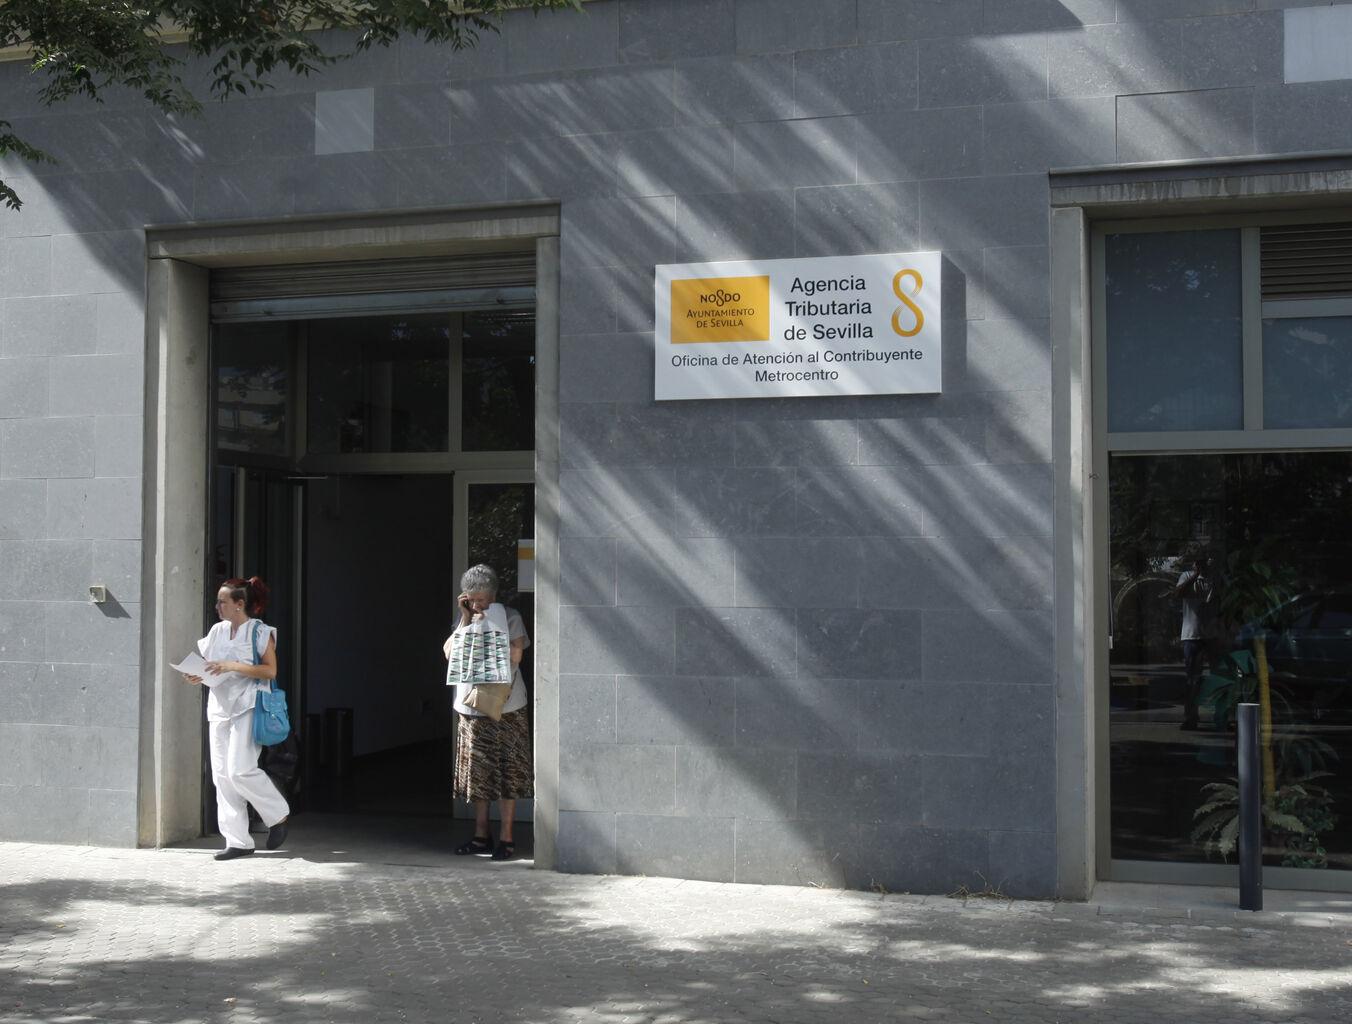 La Agencia Tributaria permite gestionar todas las tasas e impuestos  en su oficina virtual